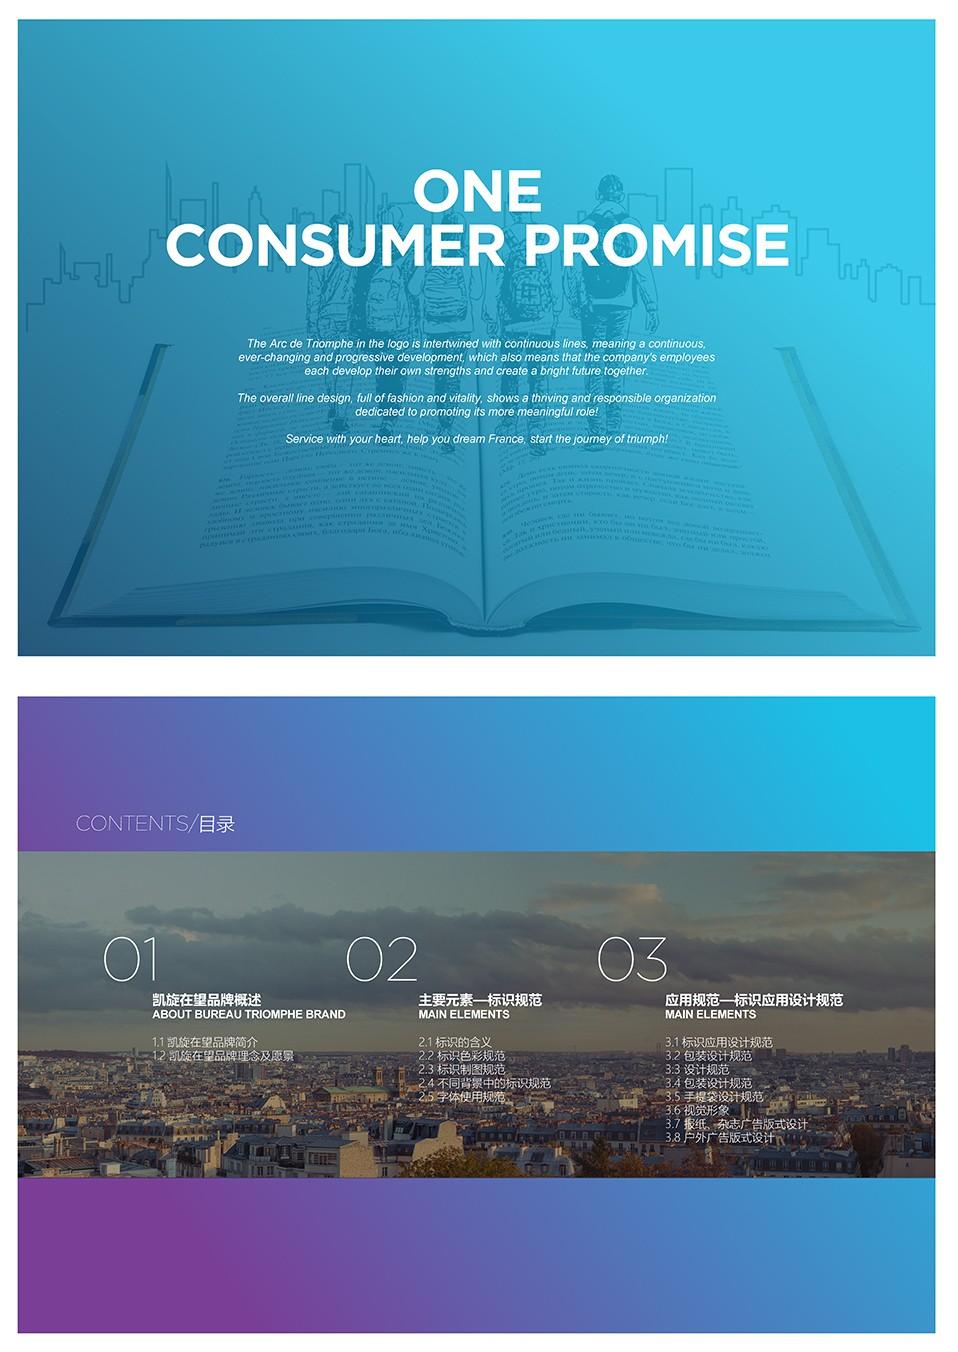 vi设计-品牌设计-画册设计-论坛活动设计_02